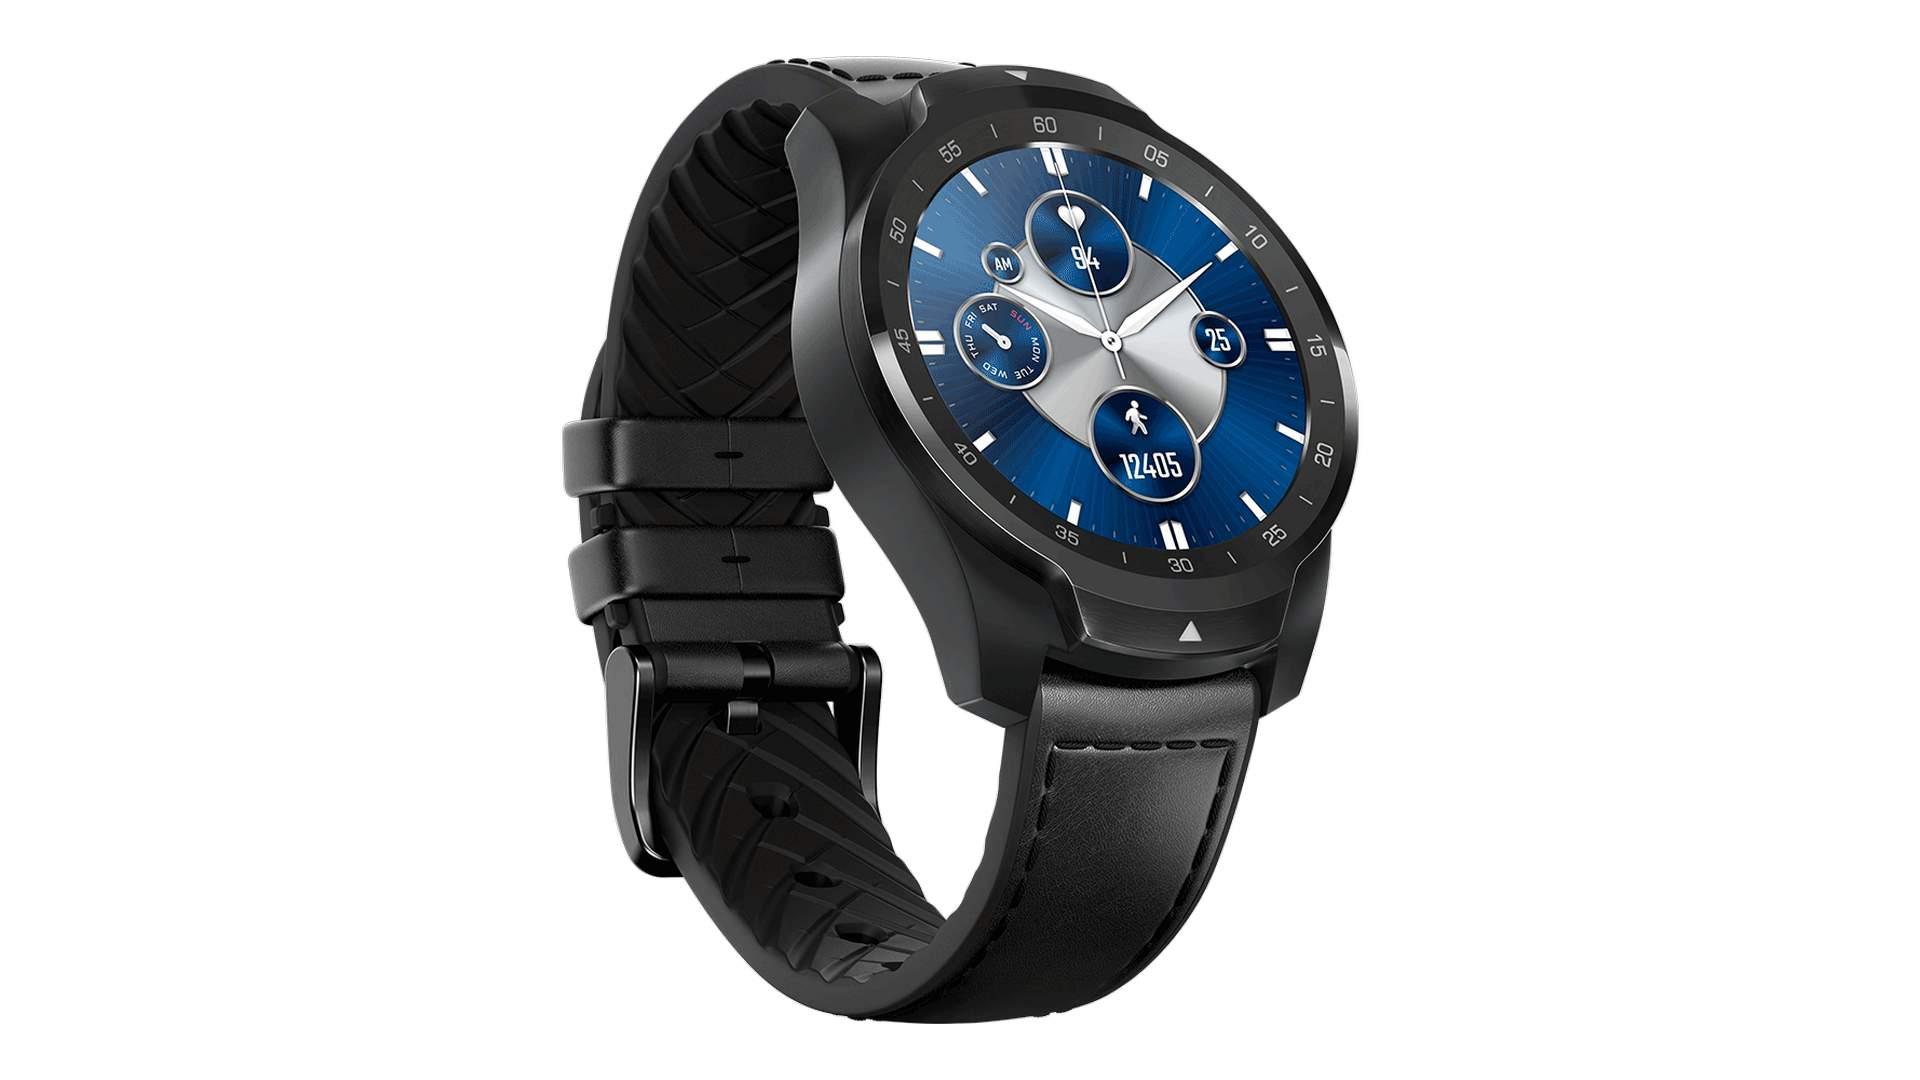 Ticwatch Pro S 2021 – Wear OS | AliExpress